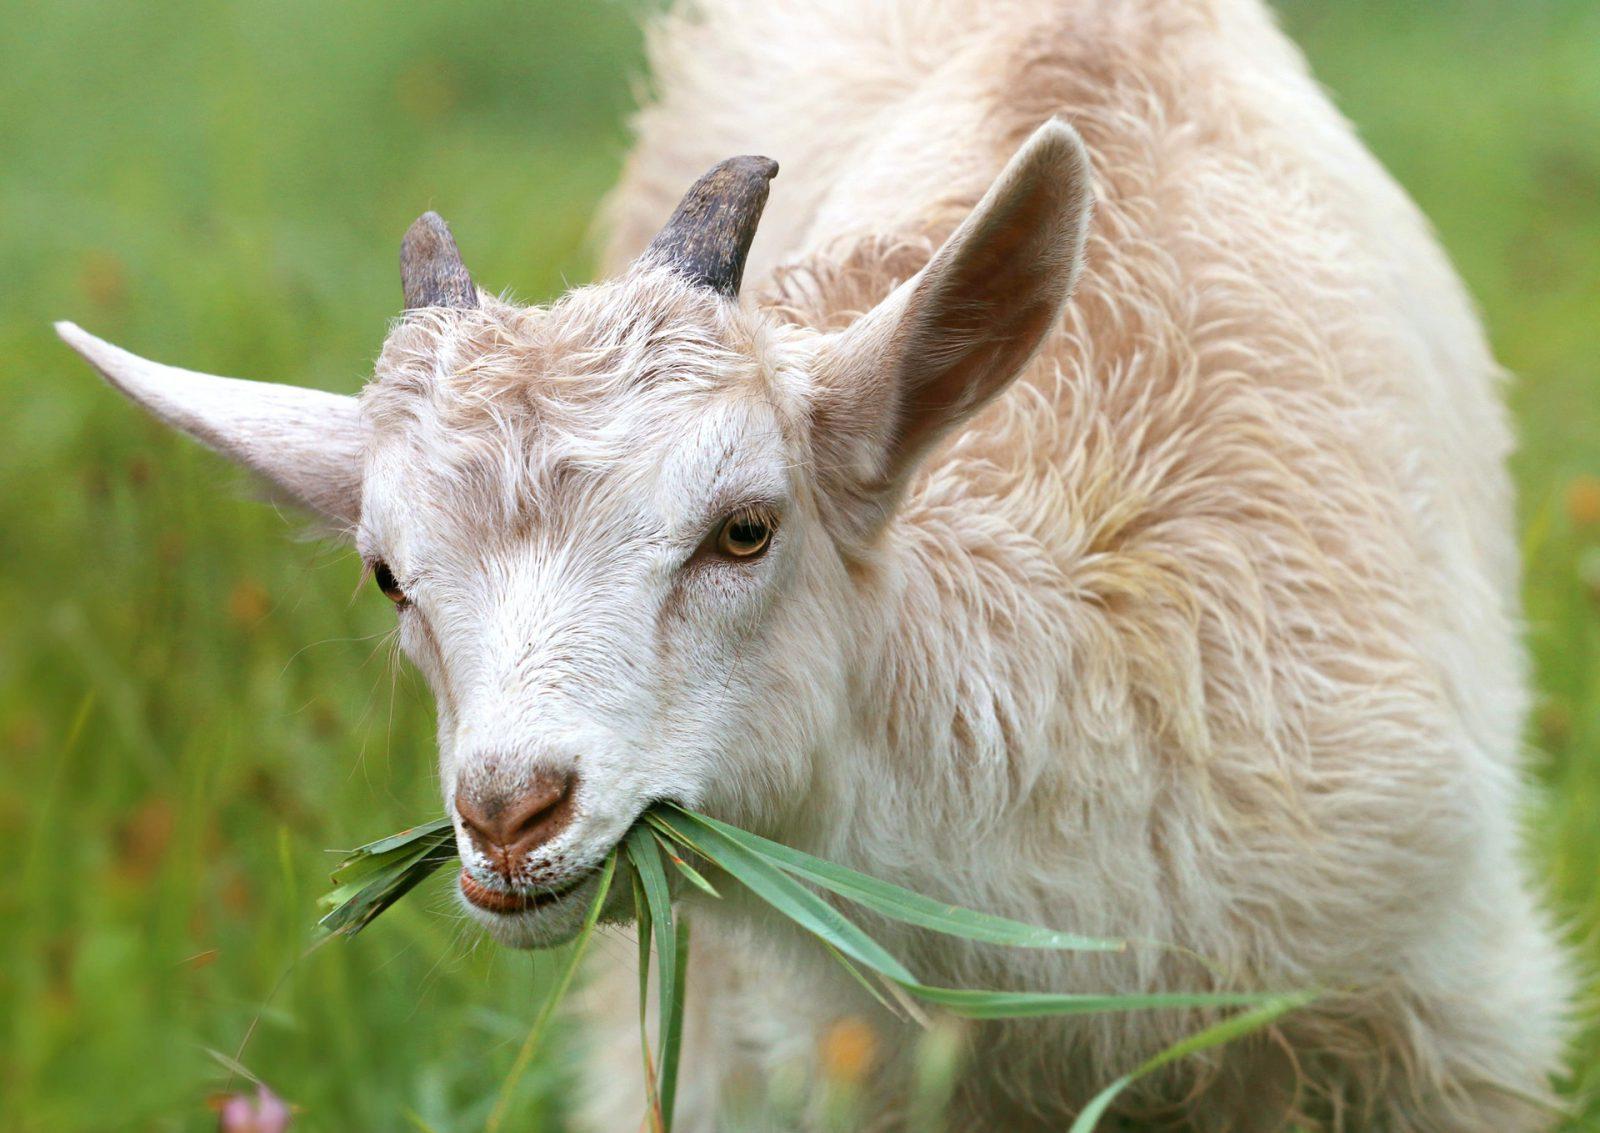 A cabra é uma nimal manso que vive em rebanhos.